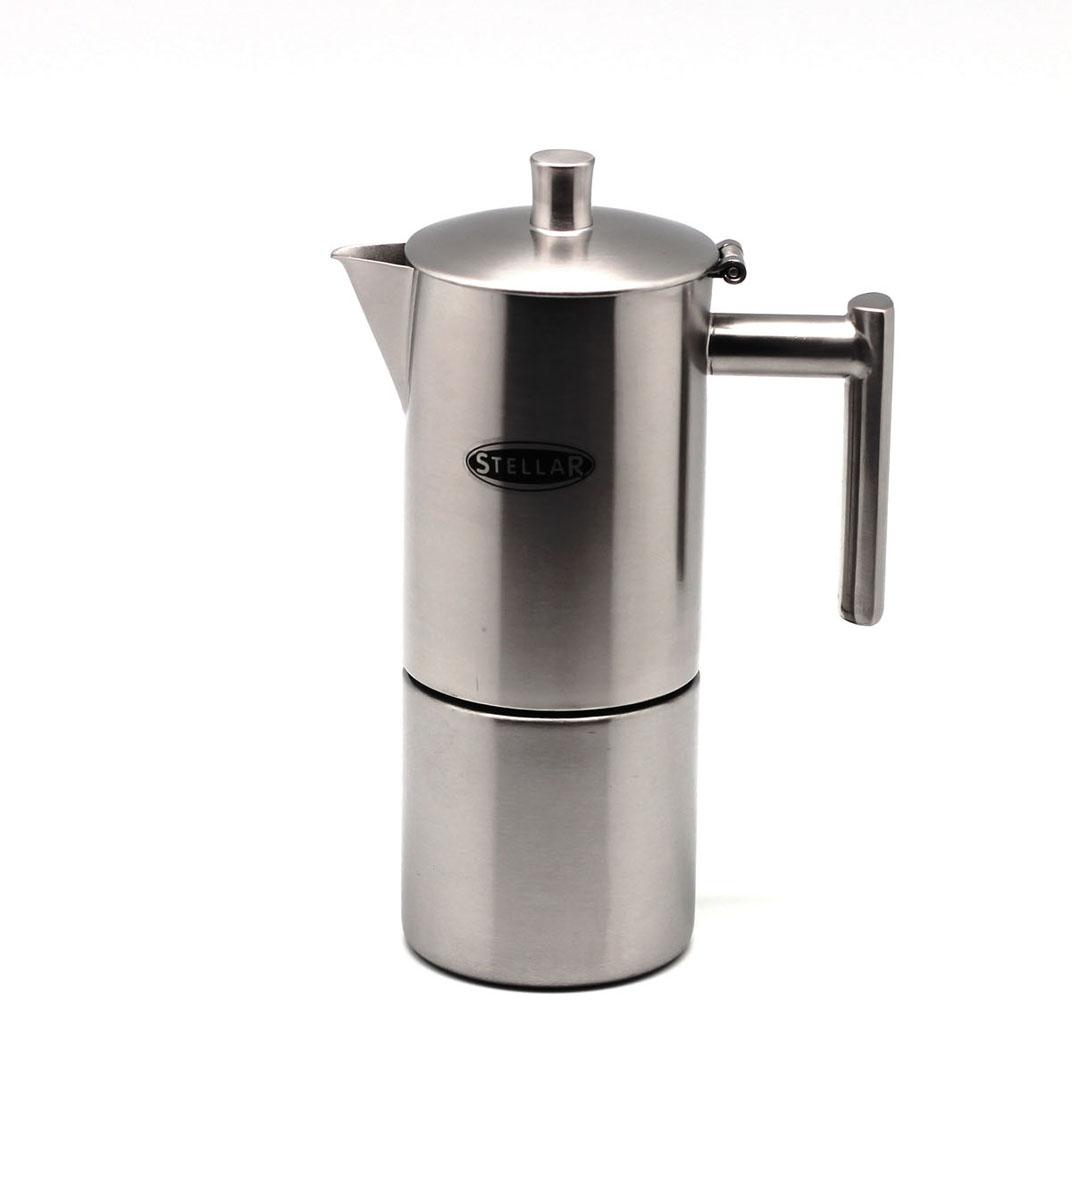 Эспрессо-кофеварка Silampos Oslo, матированная, на 4 порции41281318SM51Кофеварка эспрессо Silampos Oslo изготовлена из высококачественной нержавеющей стали (сплав 18/10) с зеркальной полировкой. Эргономичная ручка крепится к корпусу точечным методом, исключающим риск перегревания. Кофеварку можно использовать на всех типах плит, включая индукционные. Вместительность кофеварки - 4 чашки. Благодаря использованию материалов высочайшего качества кофеварке Silampos не страшно мытье вручную и в посудомоечной машине.Размер:130 х 85 х 215 мм.